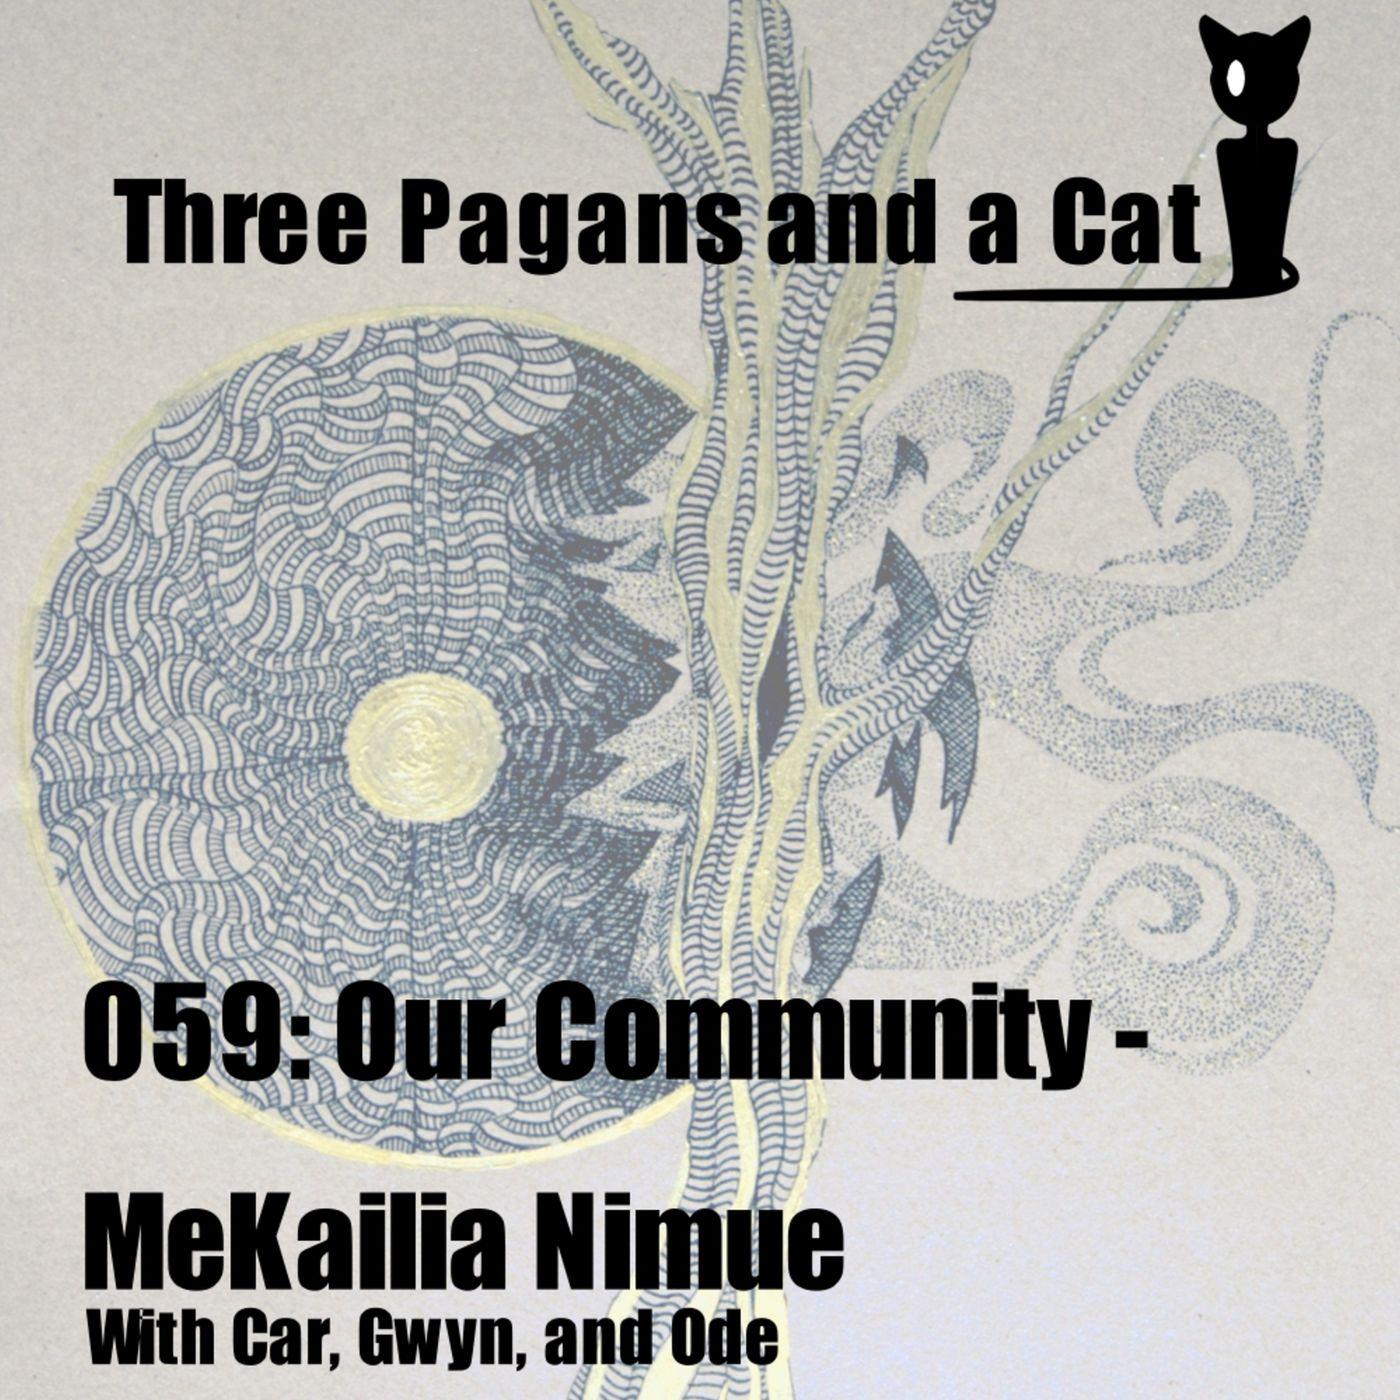 Episode 059: Our Community: MeKailia Nimue